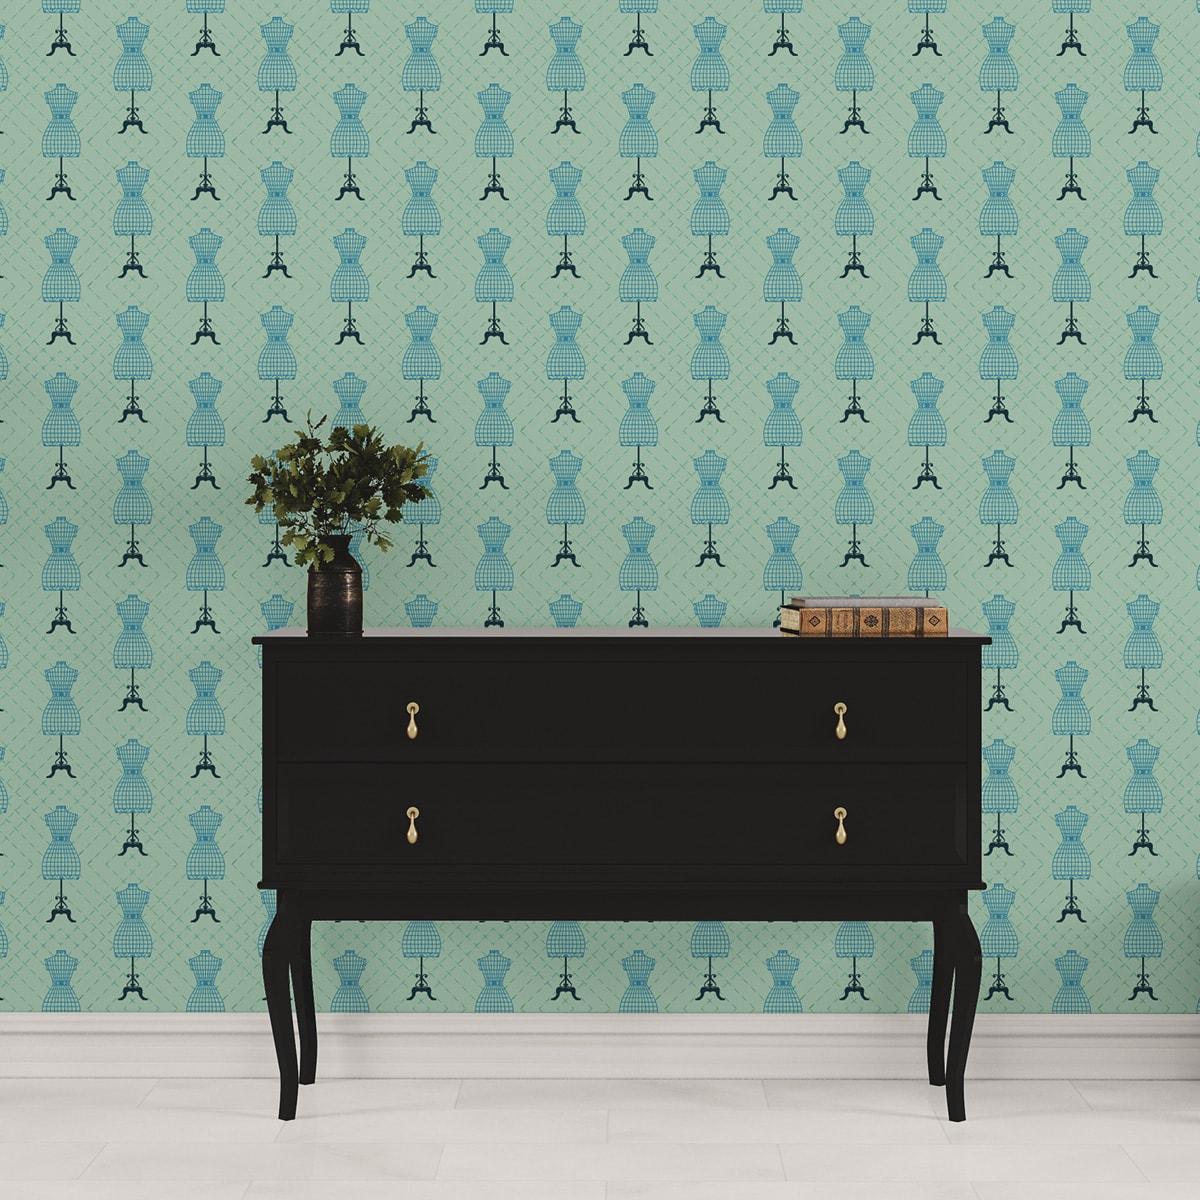 Tapete für Büroräume grün: Designer Tapete